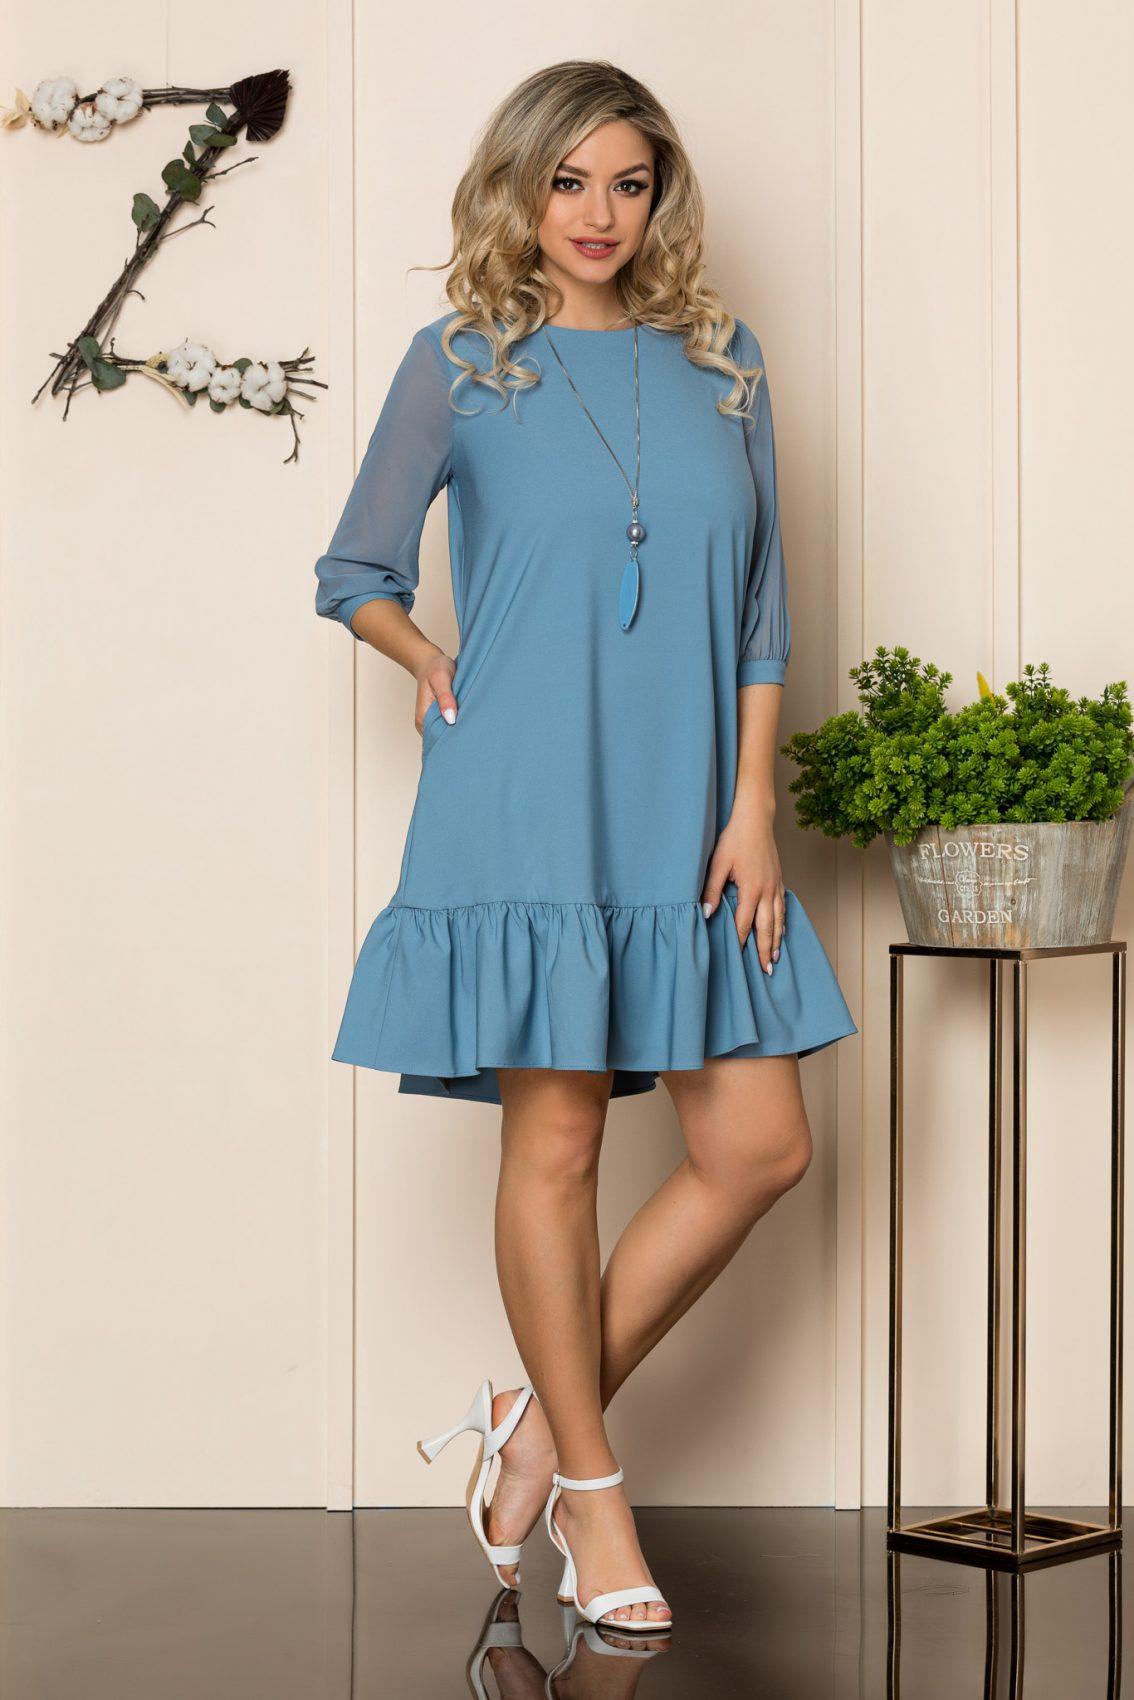 Μπλε Φόρεμα Με Κολιέ Irine 1035 1